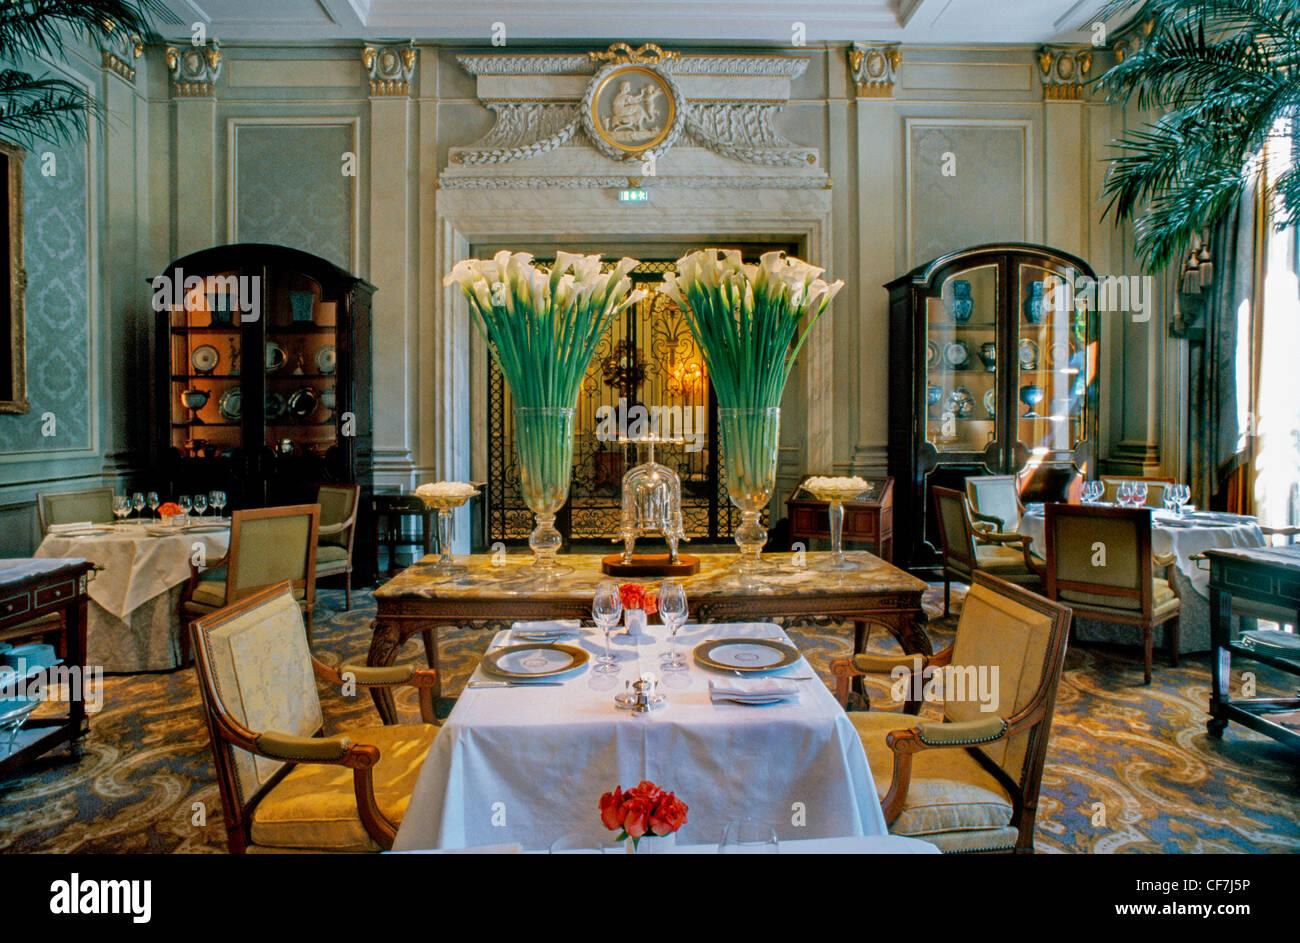 France paris fancy french restaurant le v cinq